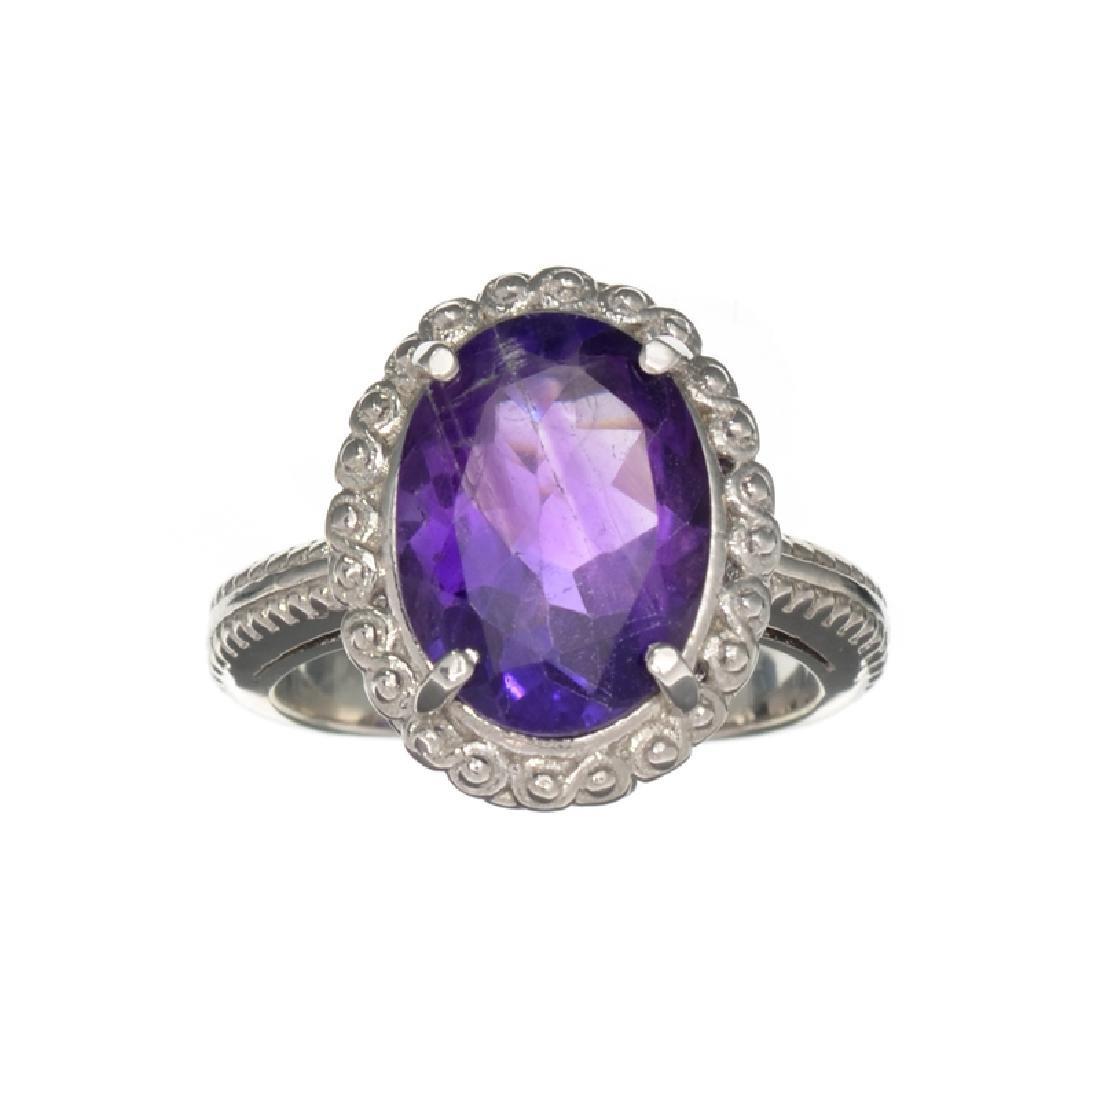 APP: 0.6k Fine Jewelry 5.47CT Oval Cut Purple Amethyst